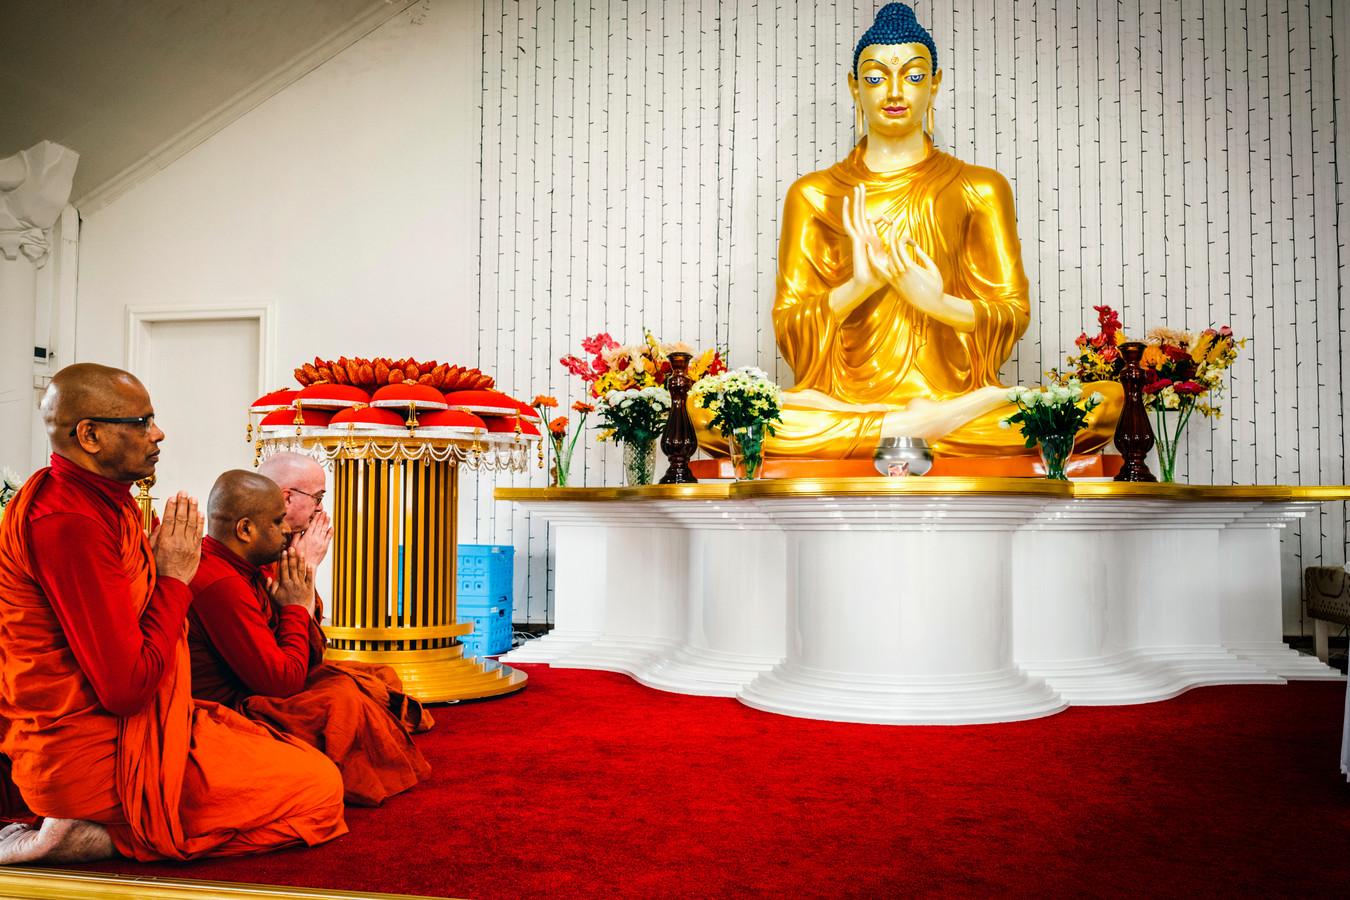 De drie monikken van het Boeddhistisch klooster Mahamevnawa in Nederhorst ten Berg.